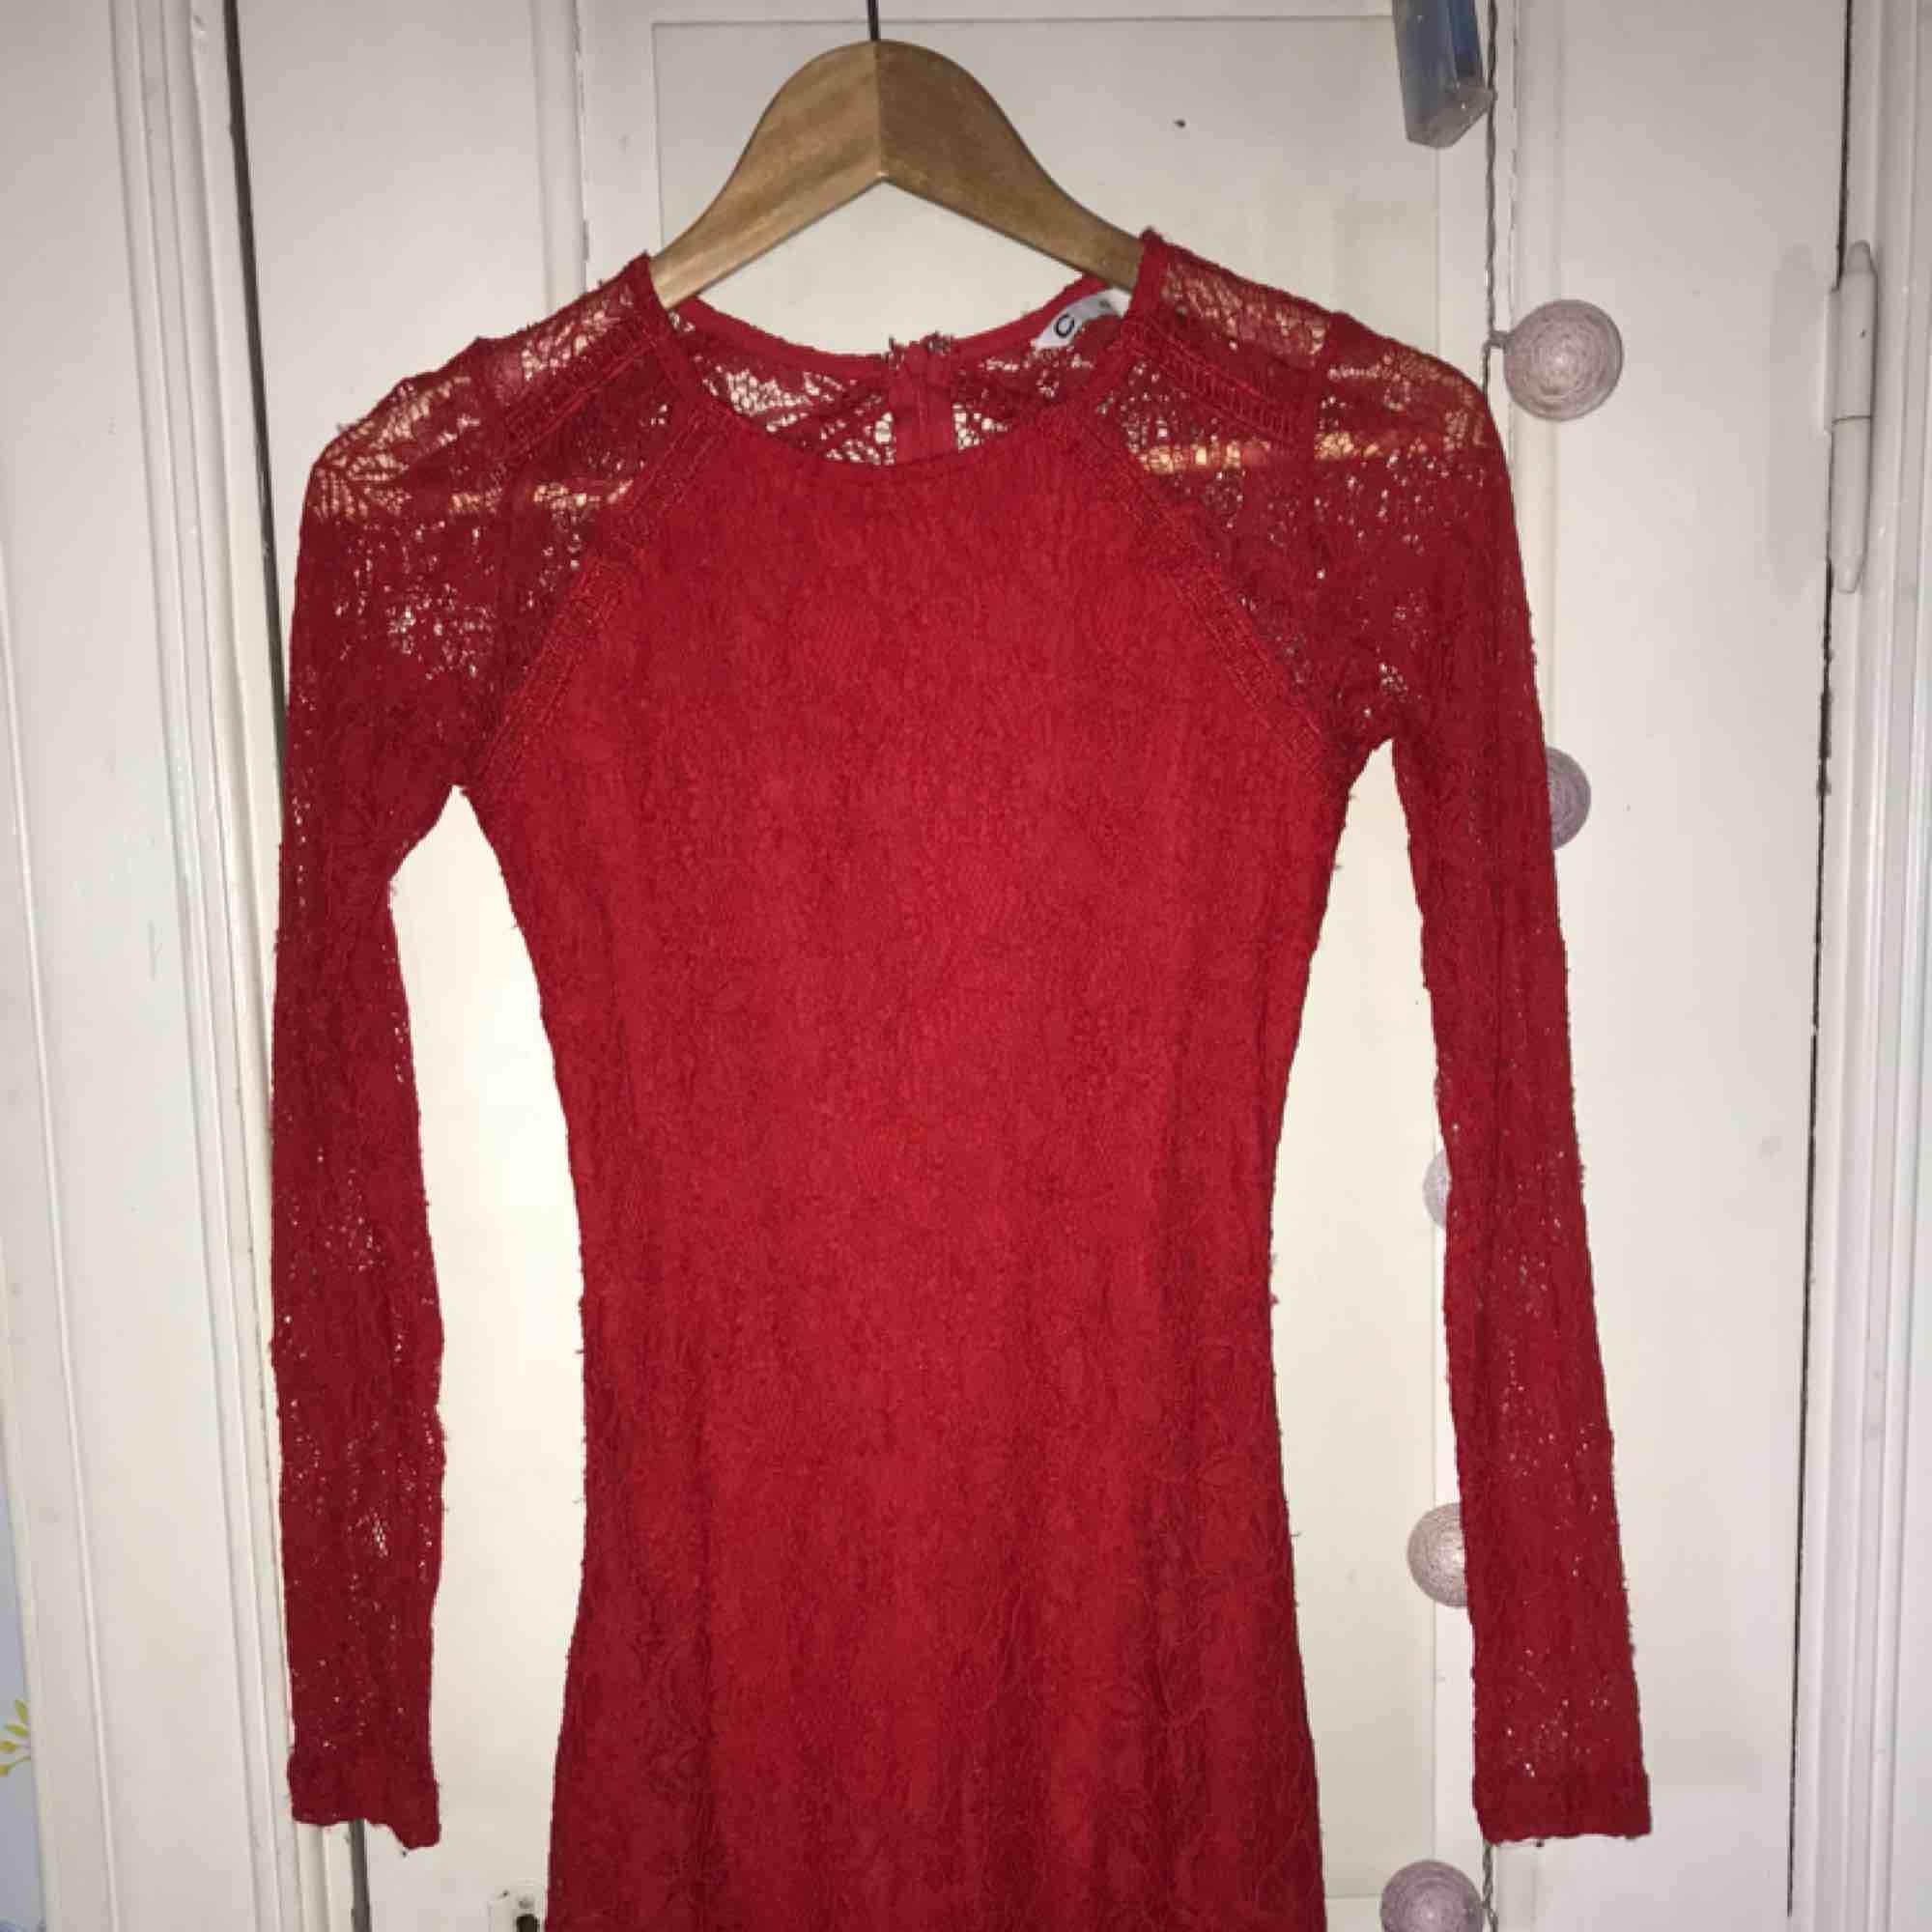 ee2111ee222a Fin röd klänning, ganska tajt och kort, spets. Använd några gånger.